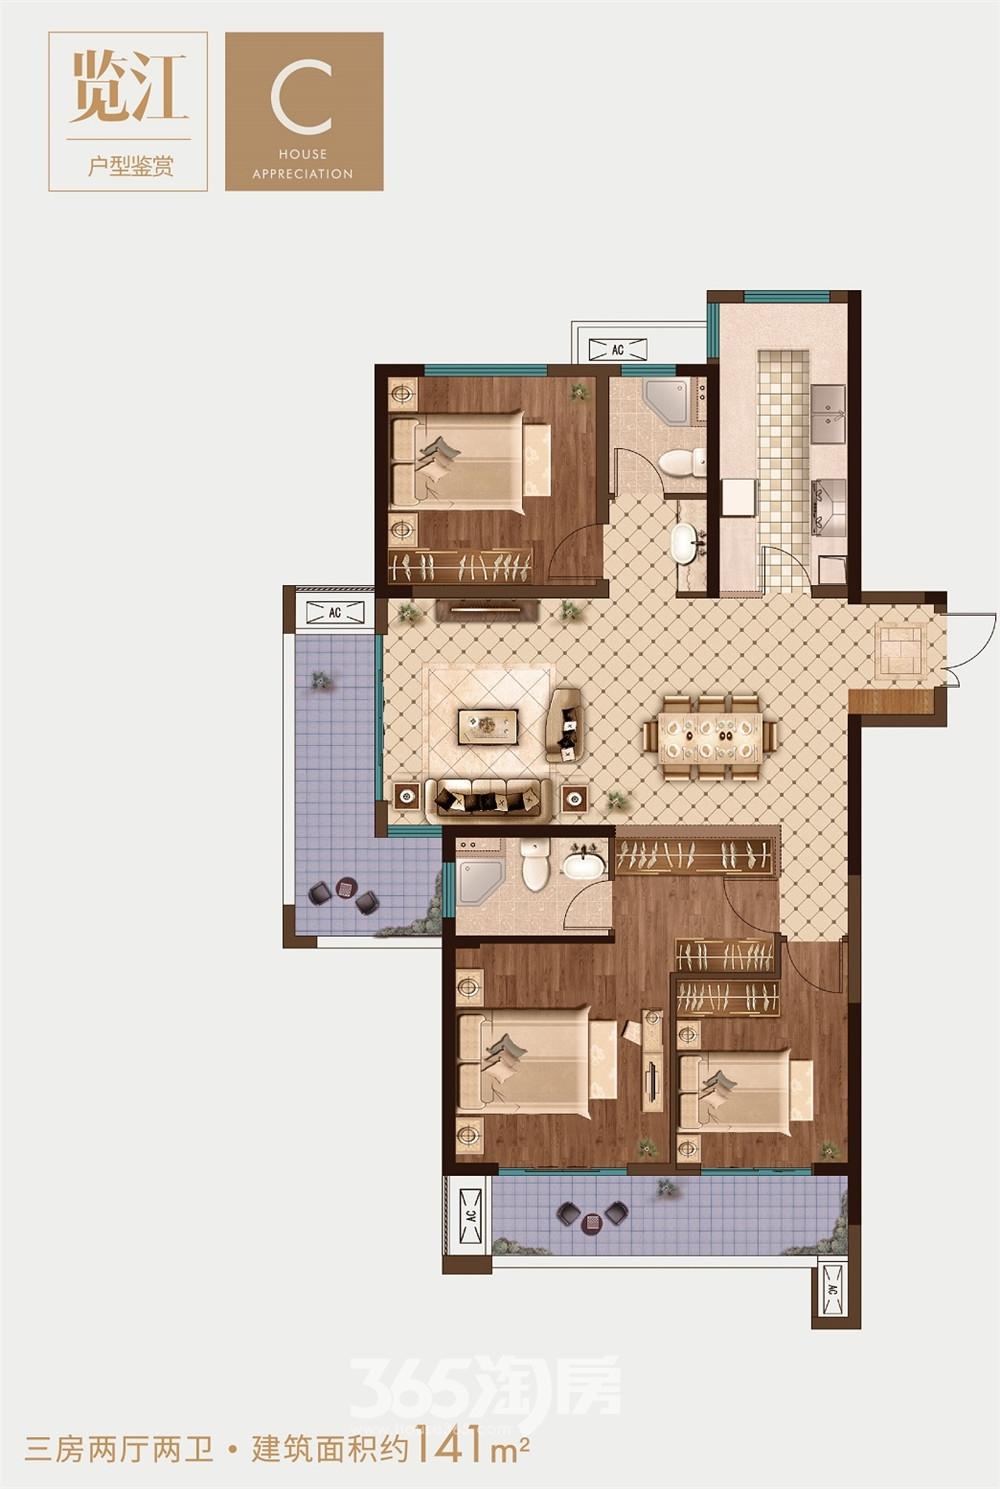 信达玥珑湾C户型览江三室两厅两卫141平